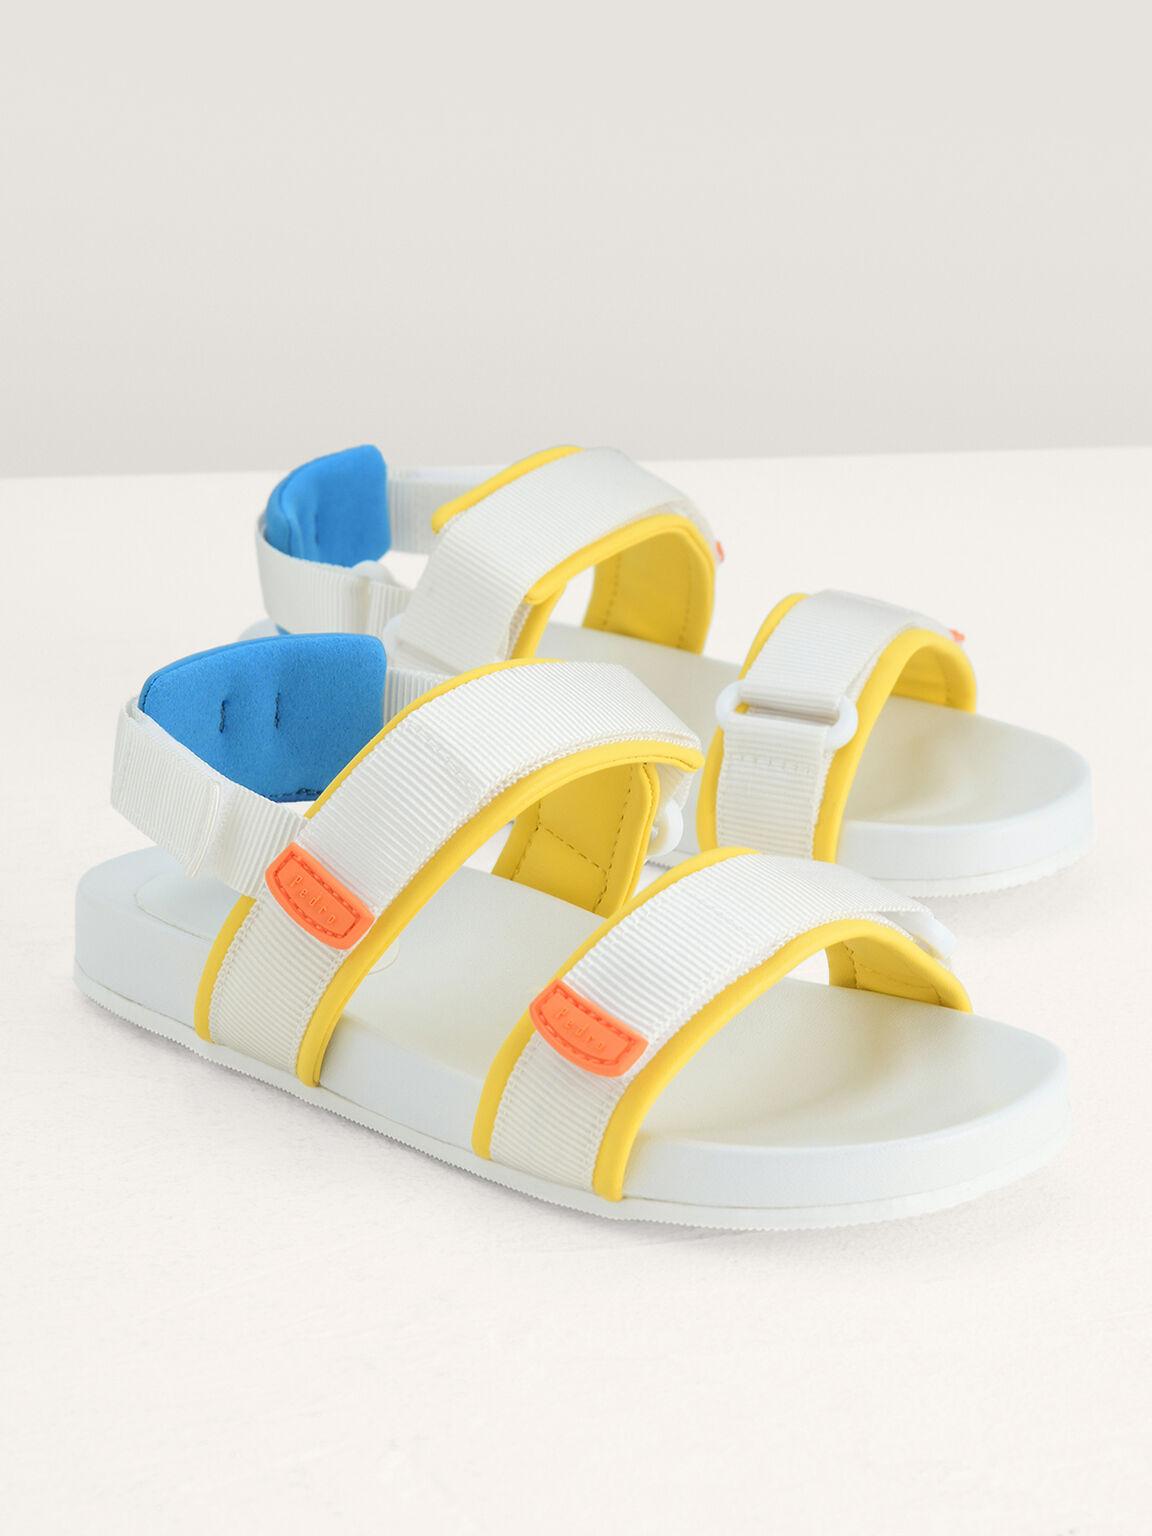 Colour-Block Sandals, Multi, hi-res